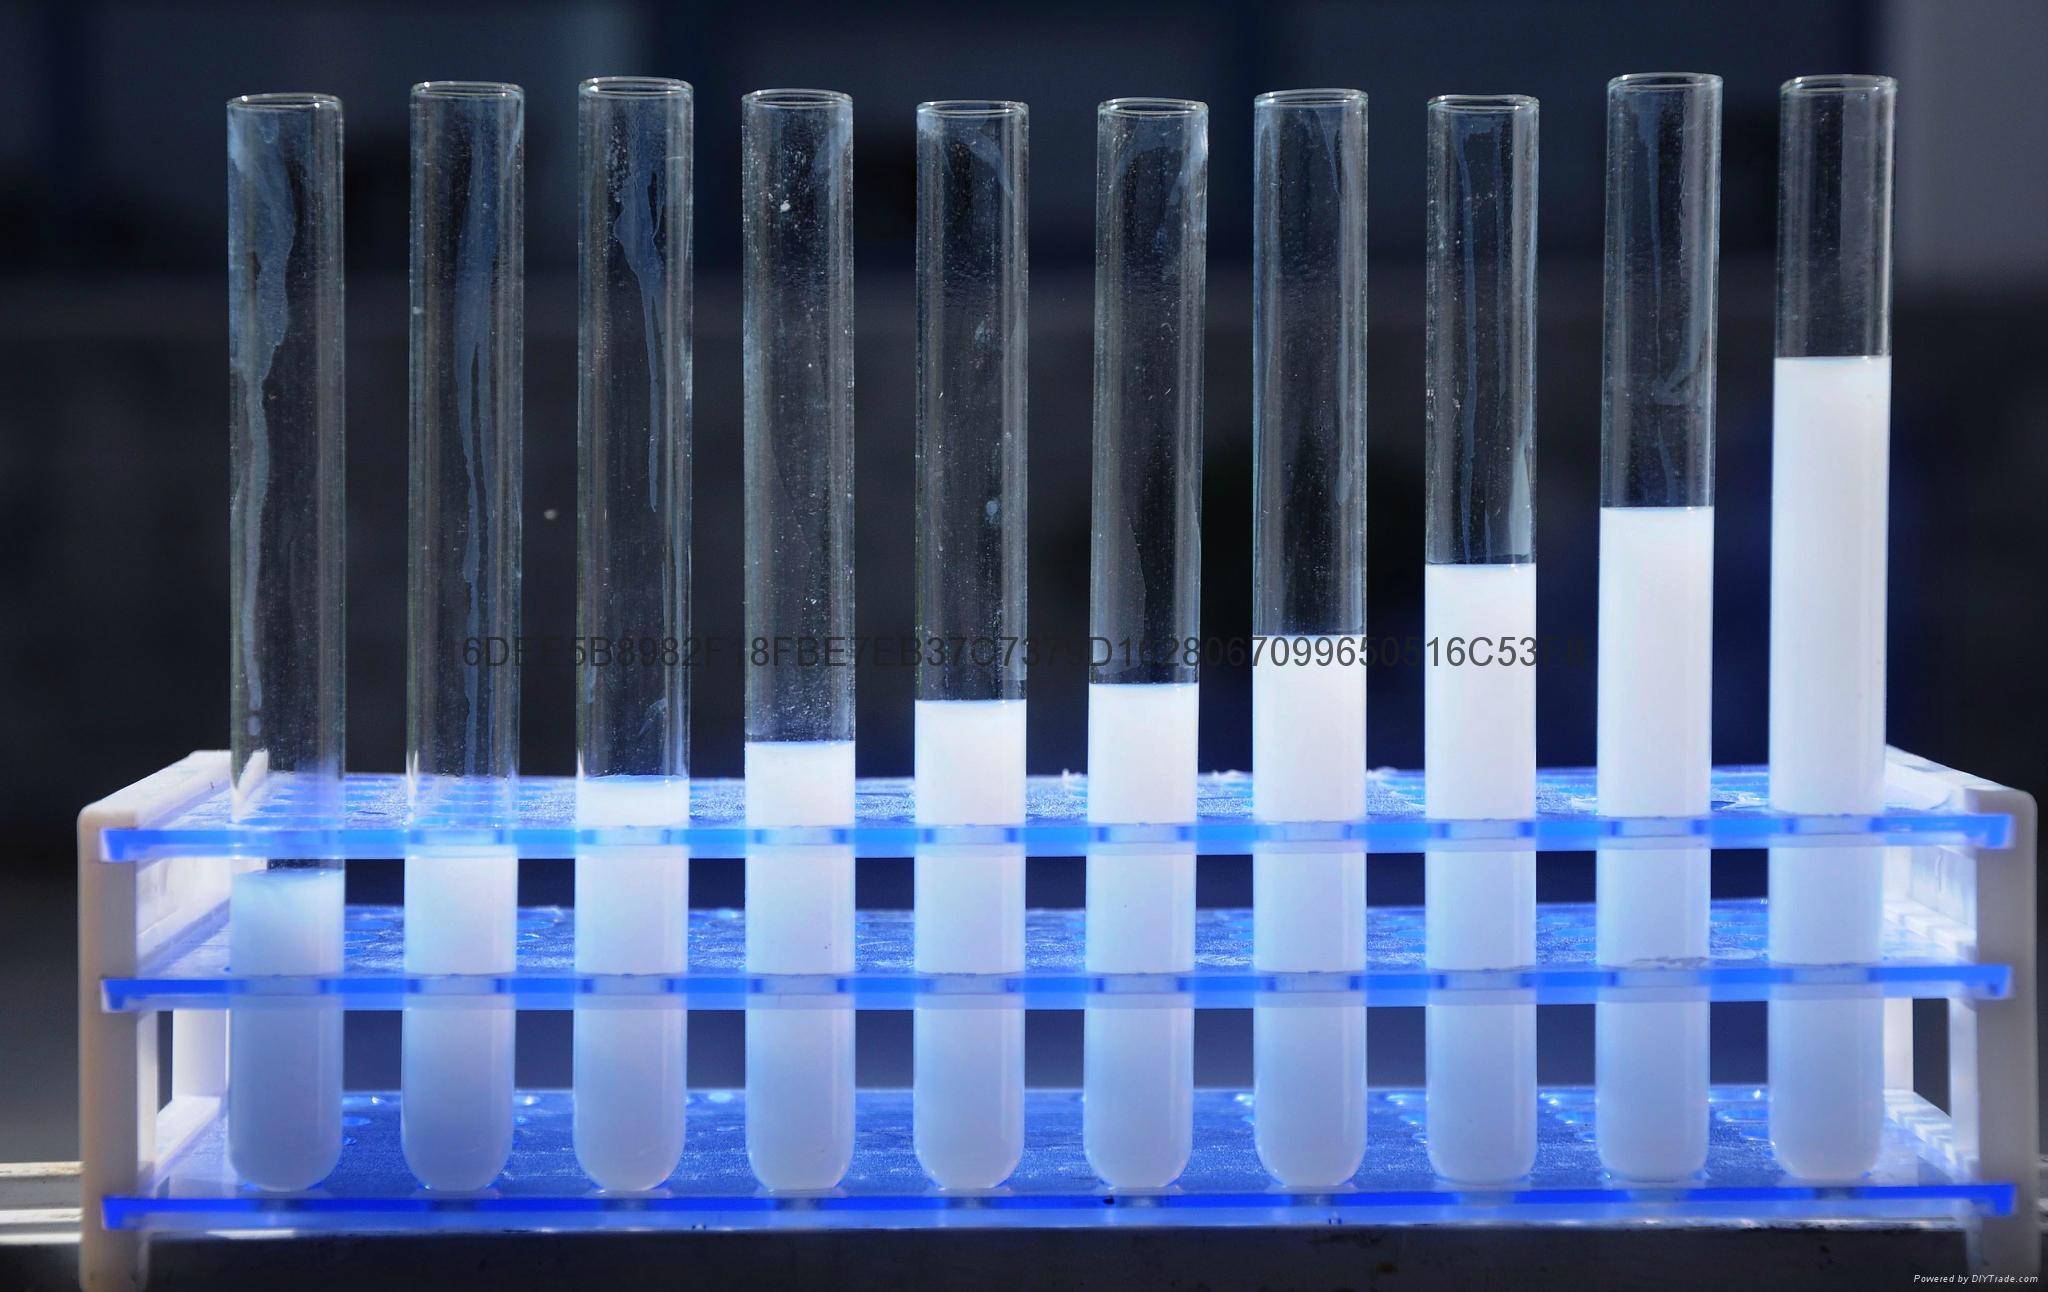 锐钛型纳米氧化钛分散液,光触媒专用浆料,锐钛型纳米钛白粉分散液 1